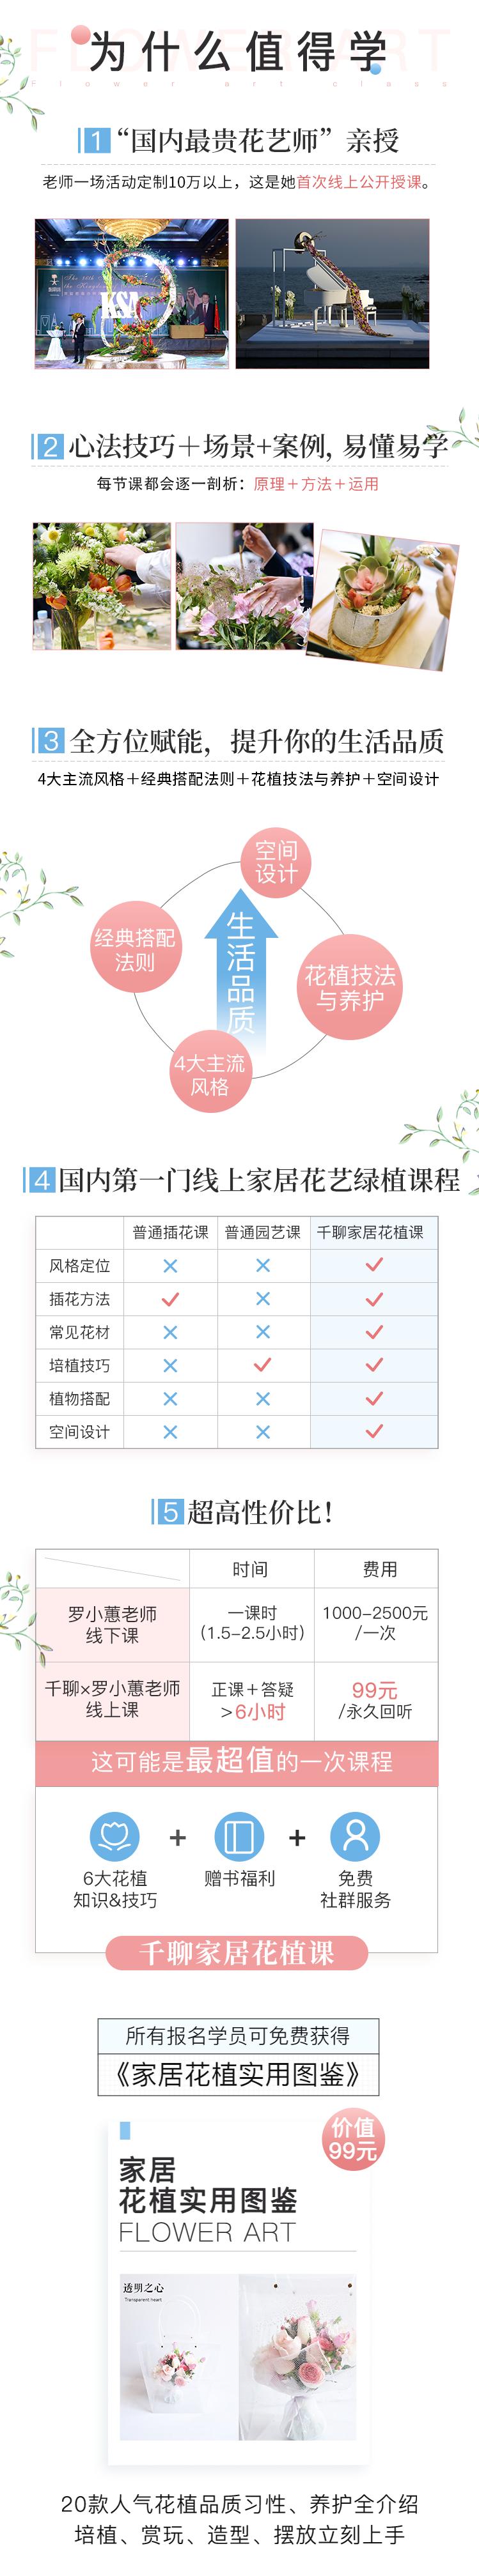 罗小蕙花艺课-课程页_08.png